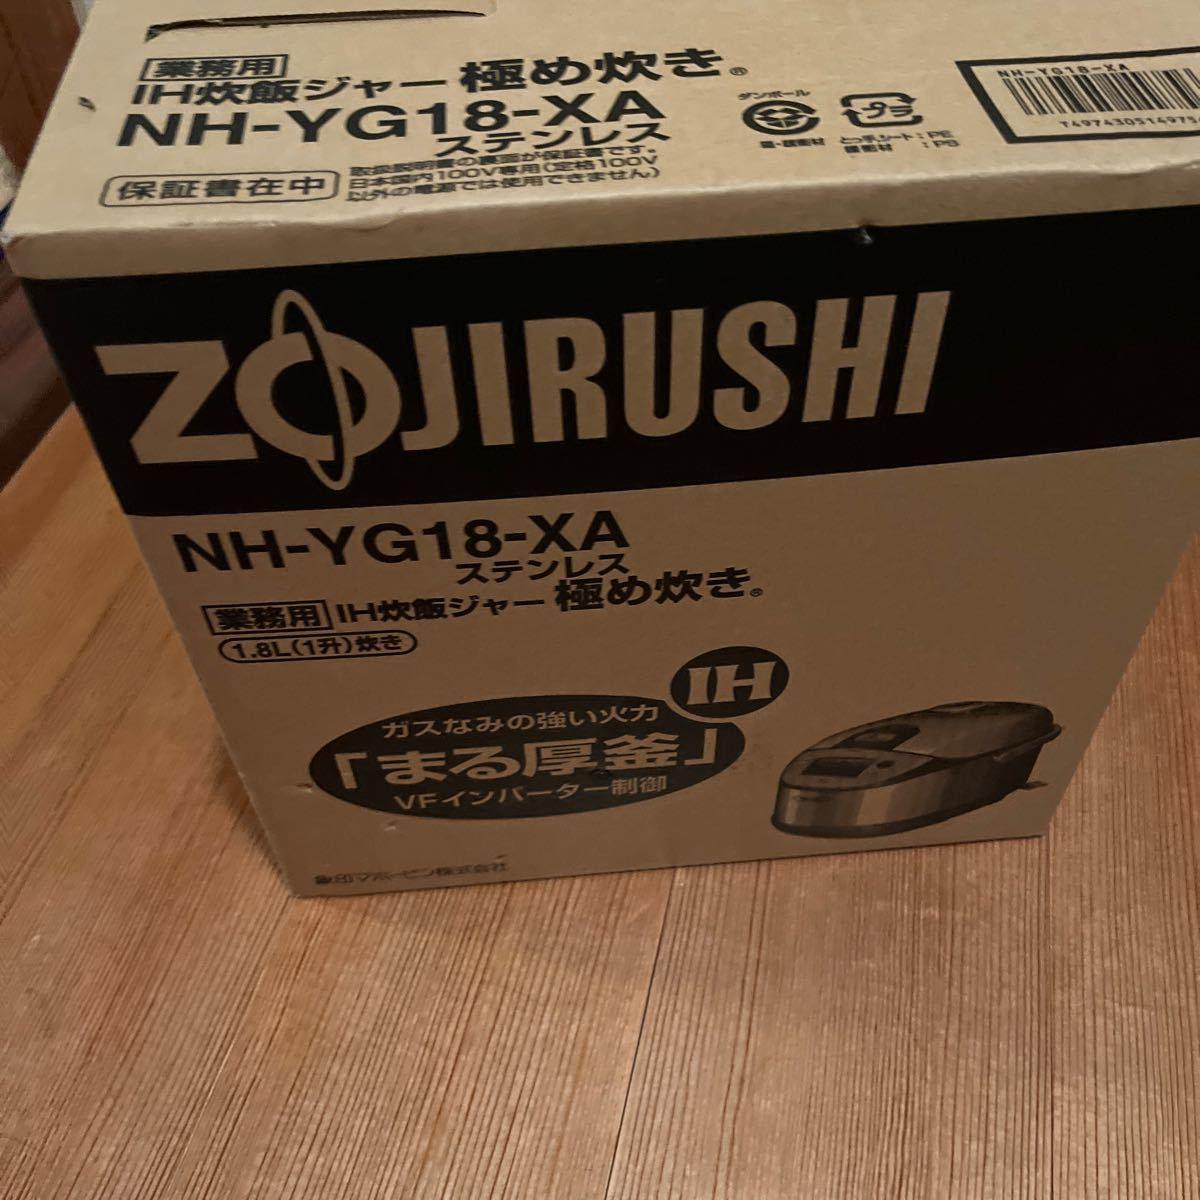 象印 IHジャー 極め炊き 業務用 新品未開封 象印IH炊飯ジャー ZOJIRUSHI 極め炊き 炊飯器